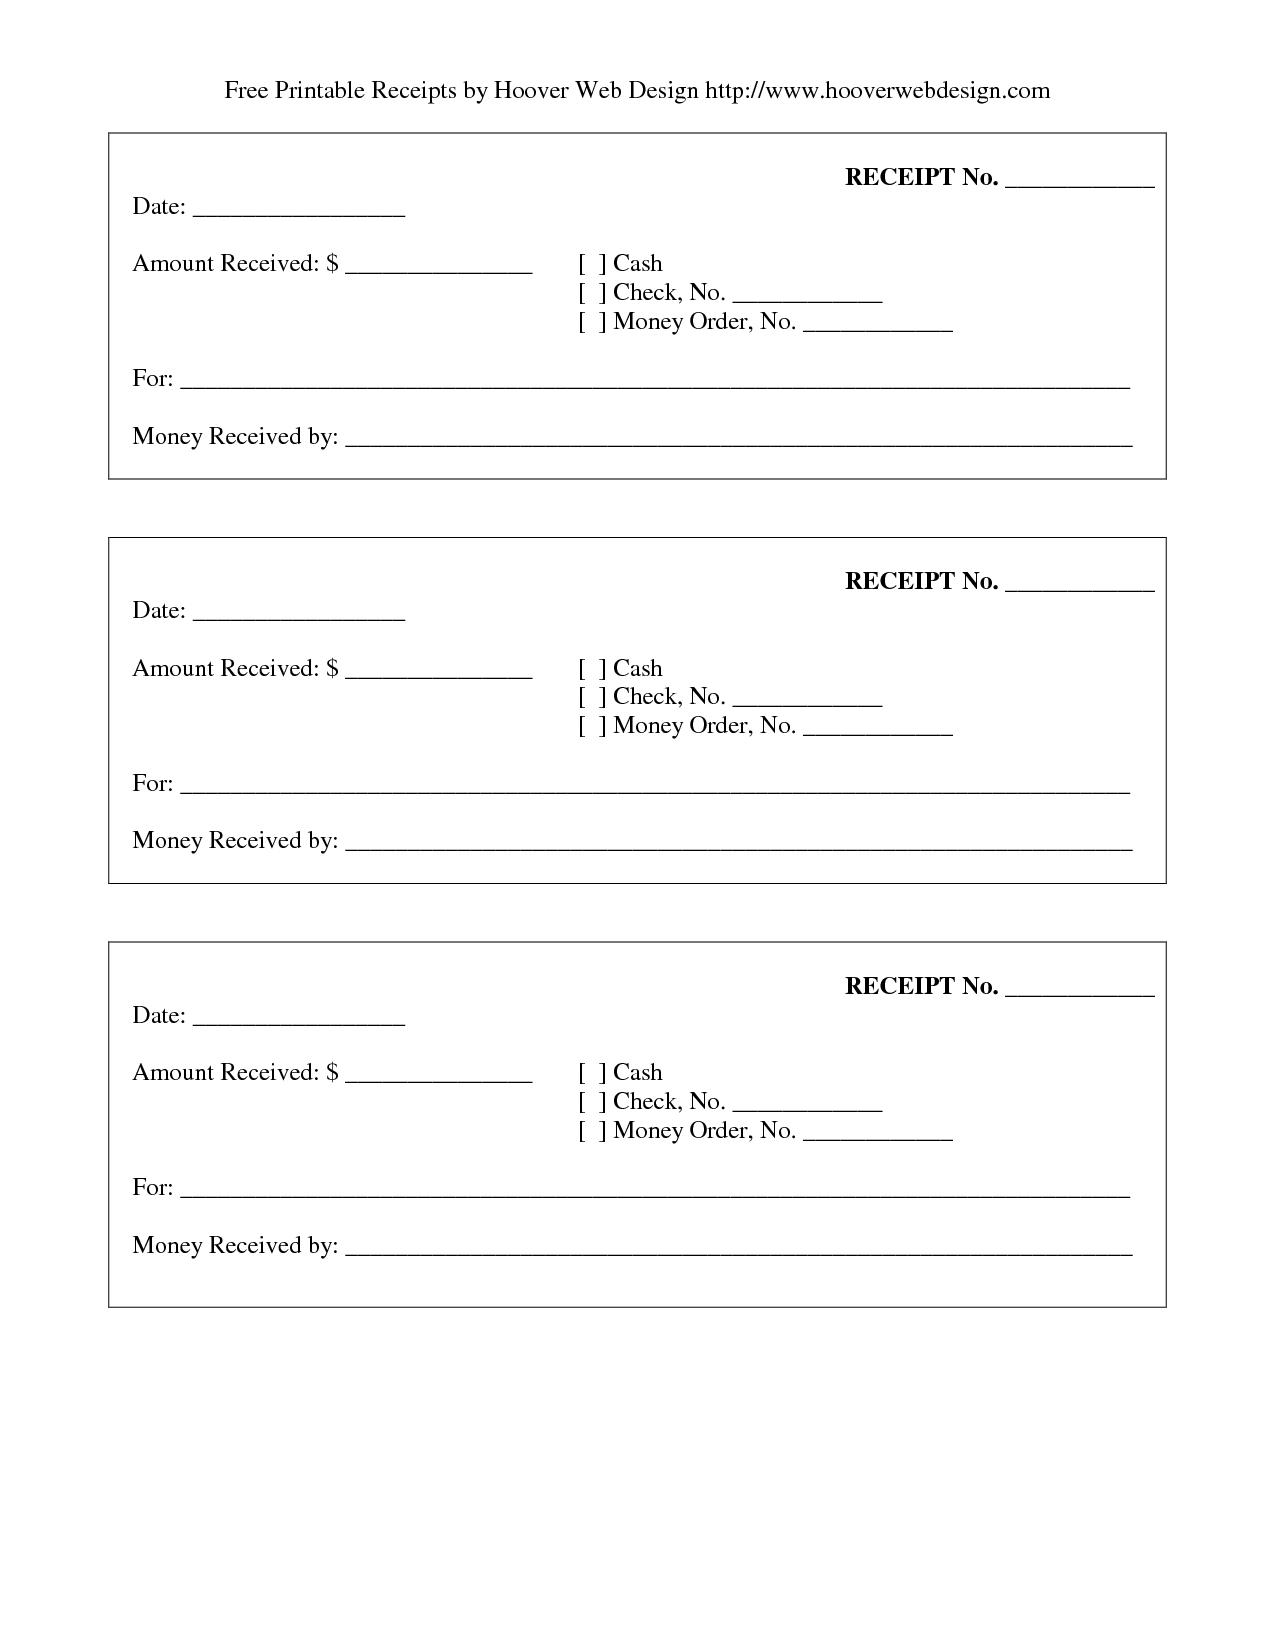 Print Receipt   Free Printable Receipt   Stuff To Buy   Pinterest - Free Printable Blank Receipt Form